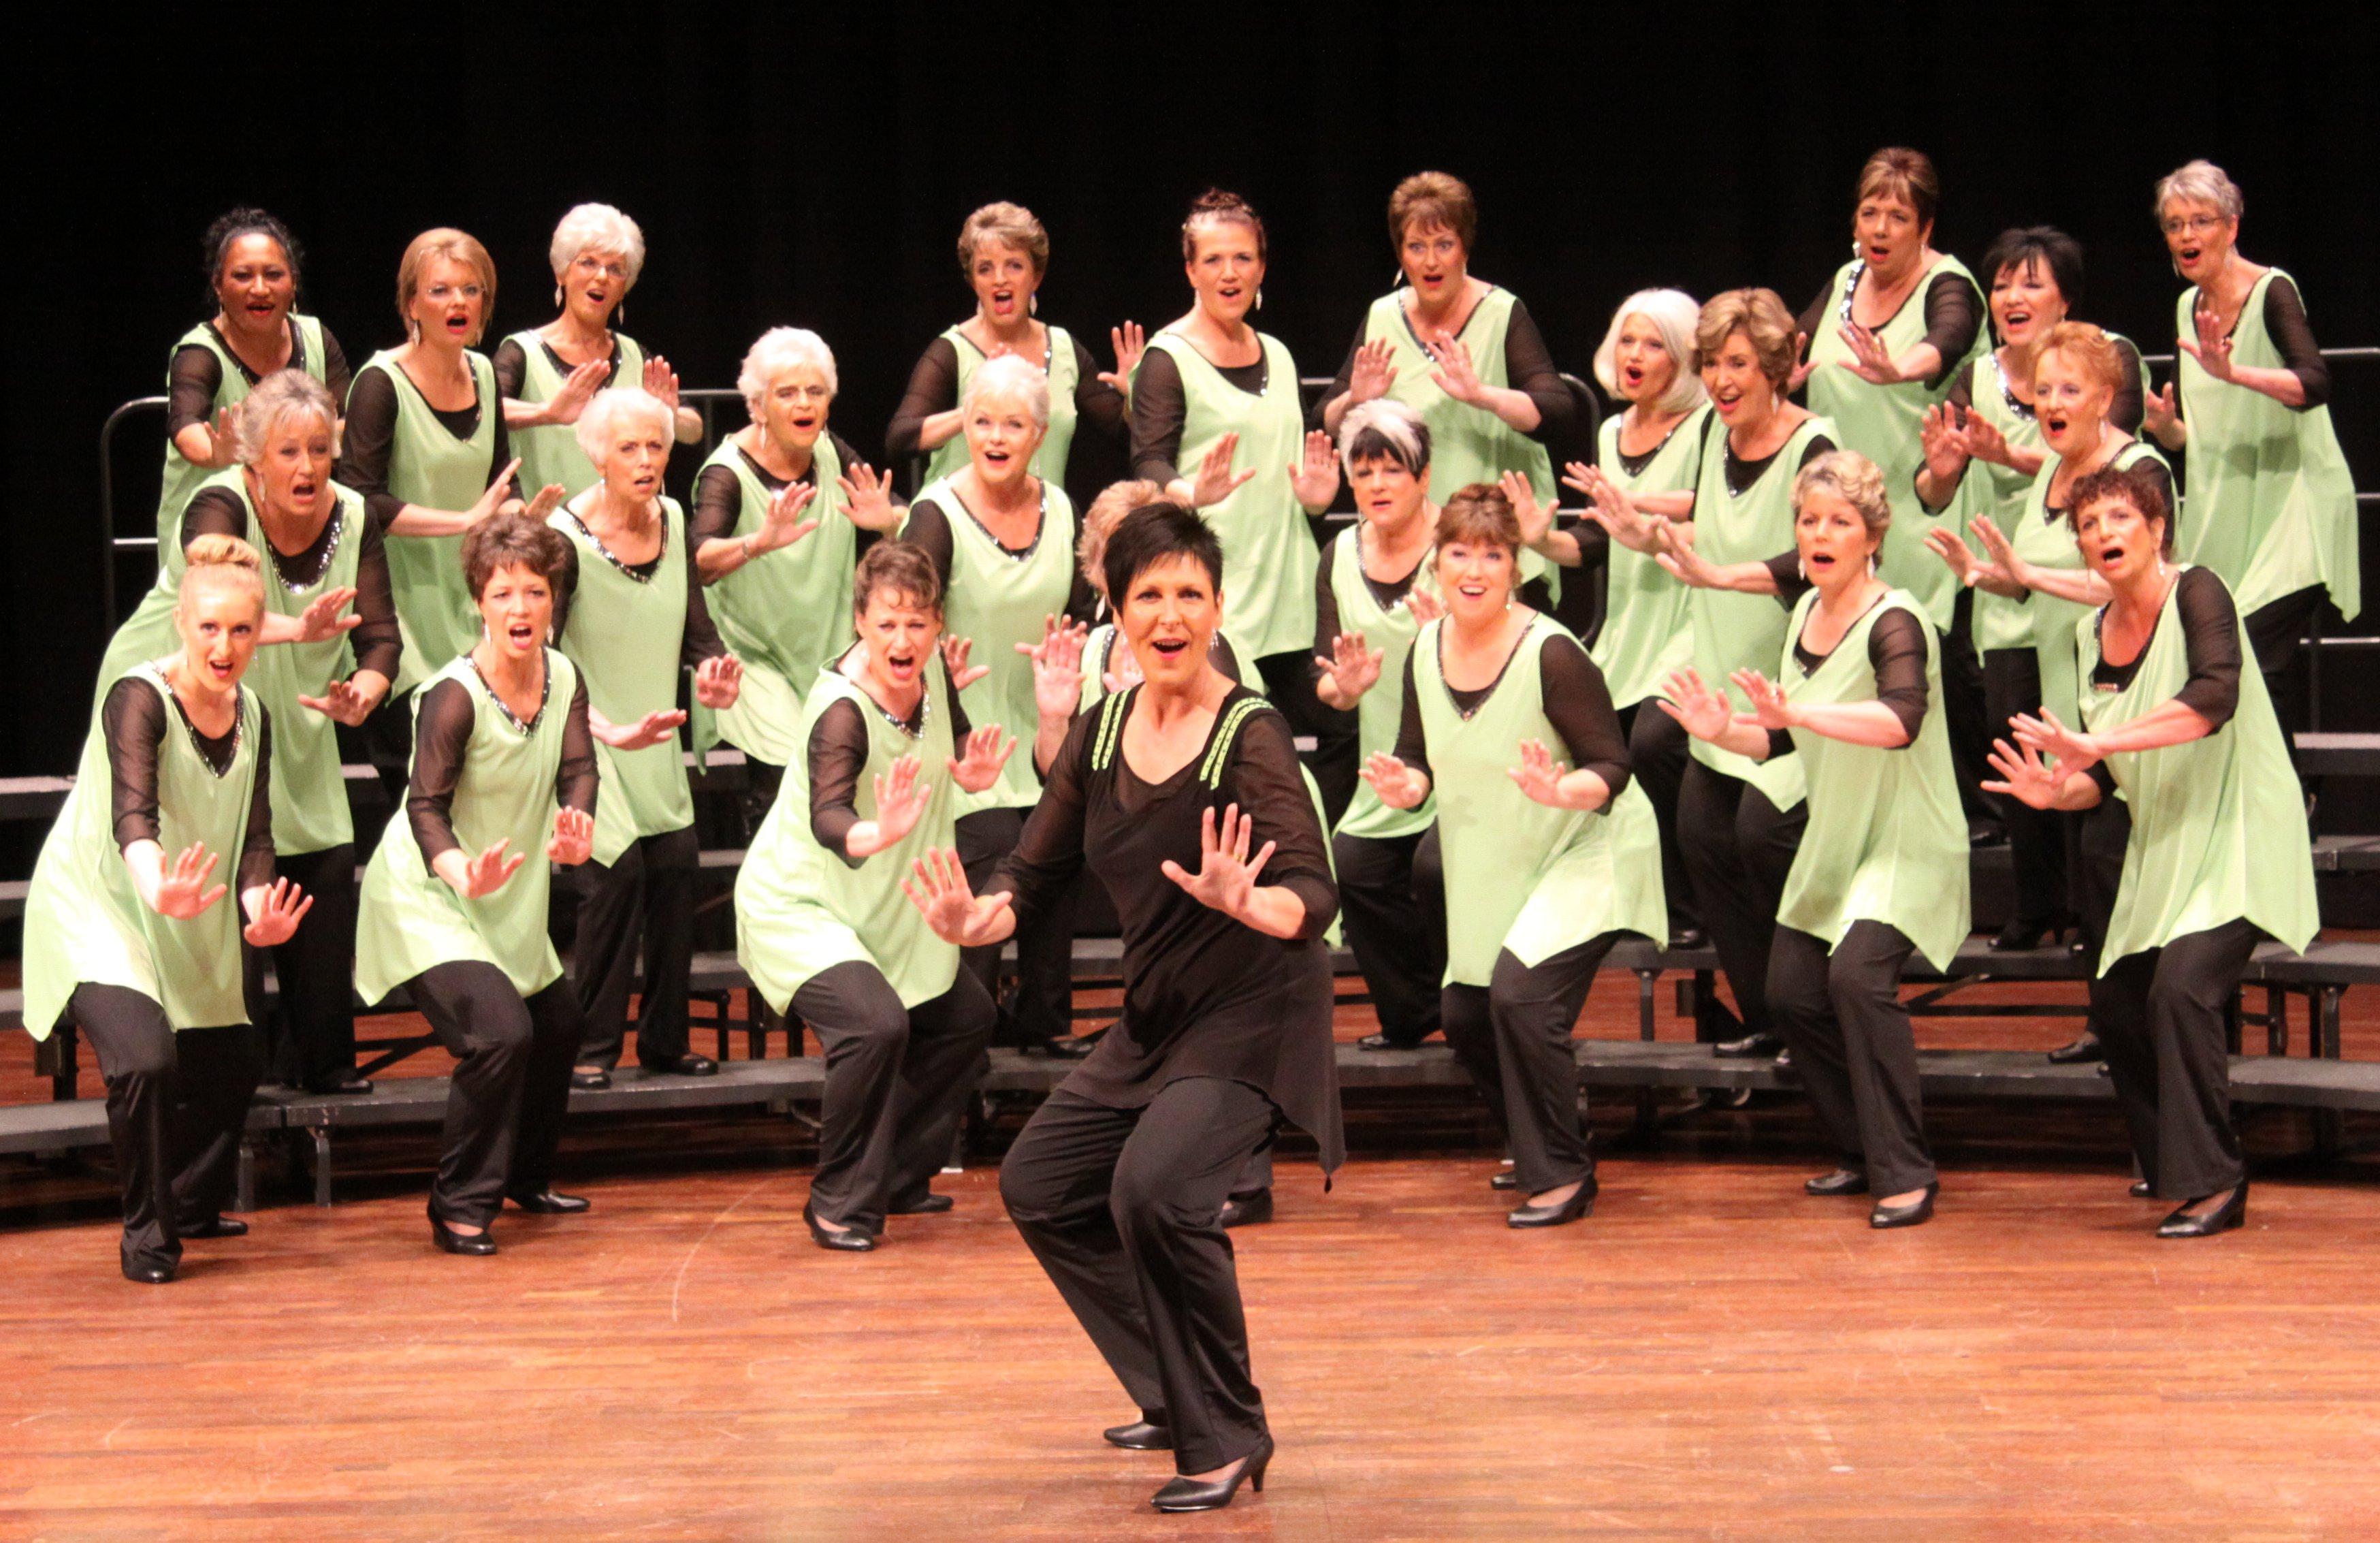 Le coreografie sono molto inusuali per un coro, ma di grande impatto. Un ottimo modo per ravvivare le vostre performance canore!